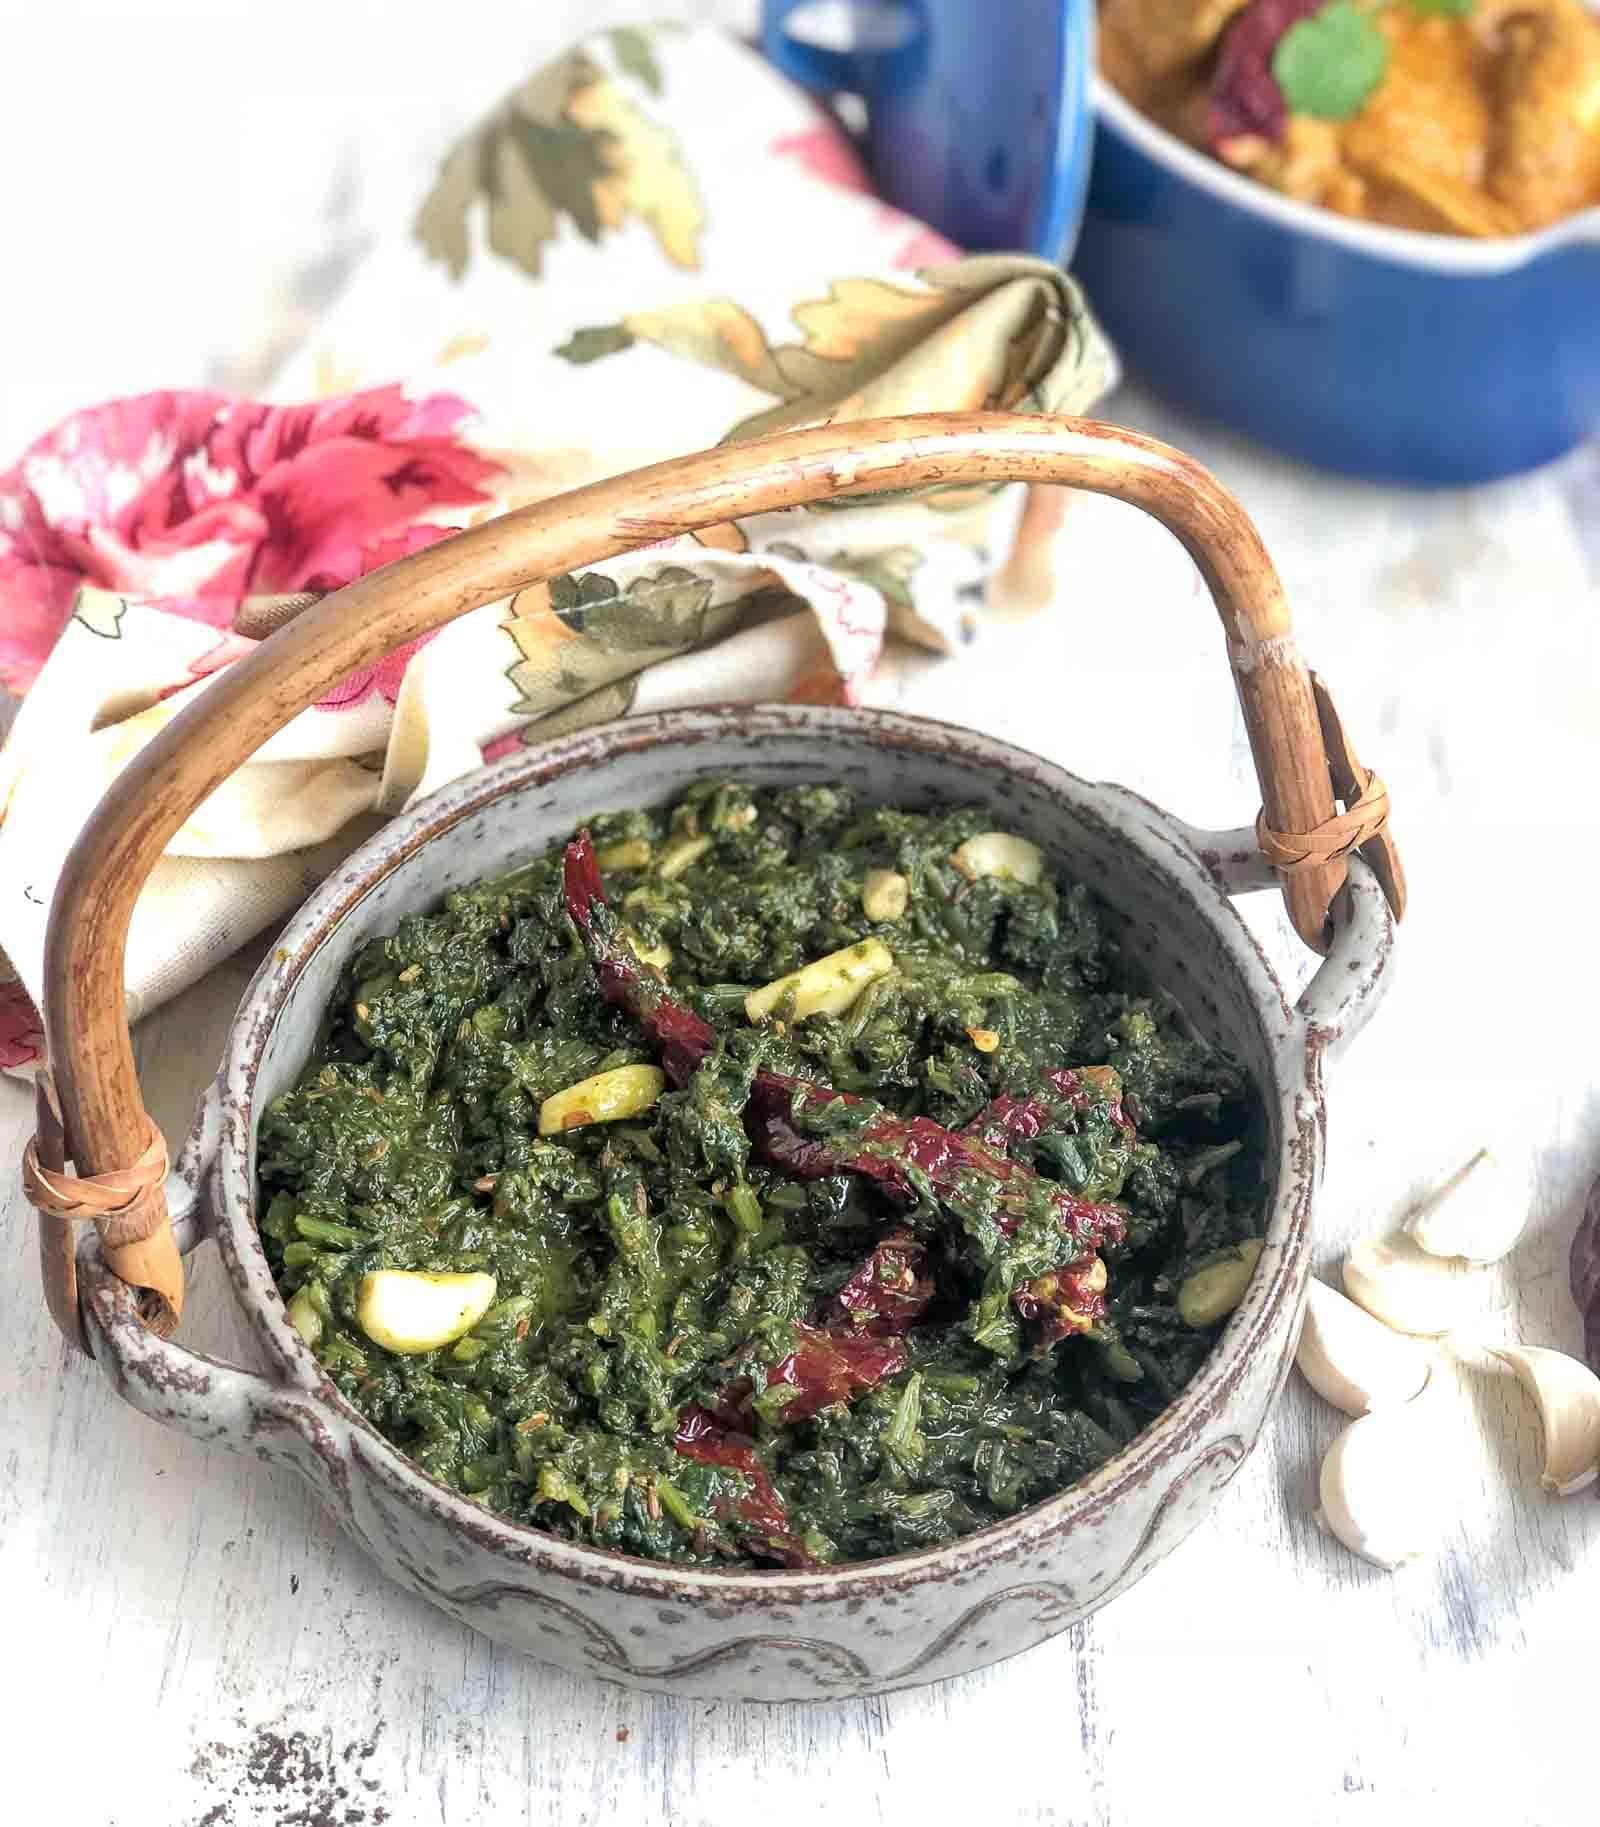 काश्मिरी साग- थंडीच्या दिवसात हा पदार्थ मोठ्या प्रमाणात केला जातो. कांदे, टॉमेटो, हिरव्या मिरच्या आणि मसाले टाकून हा पदार्थ तयार केला जातो.